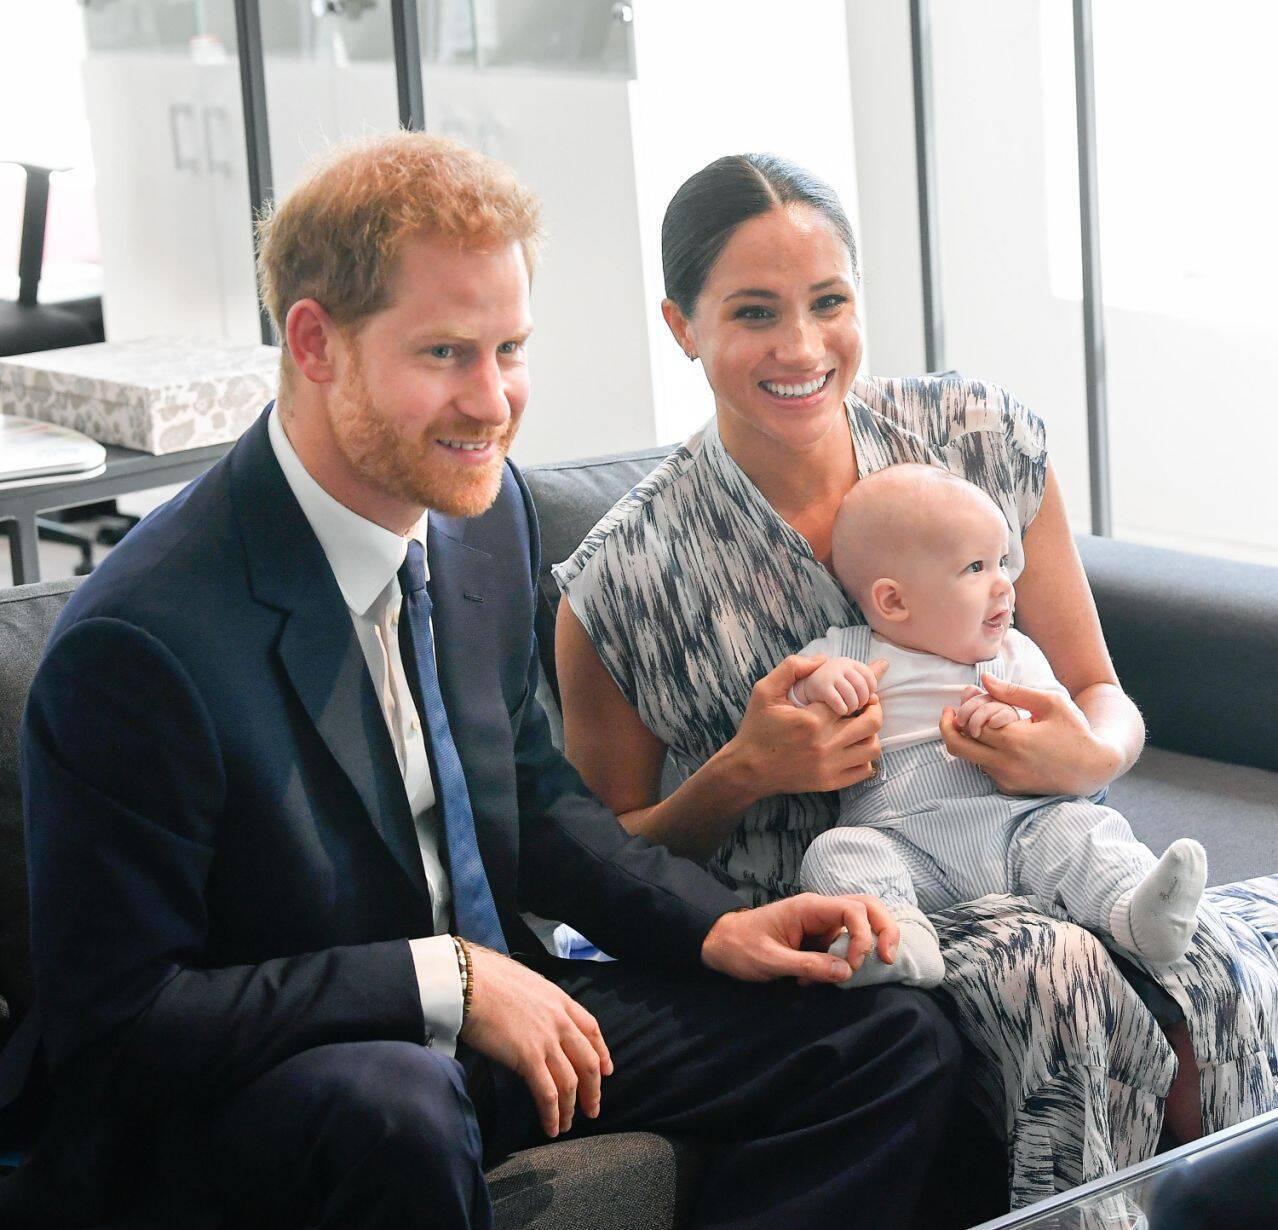 Принц Гаррі та Маркл вже давно натякали на другу дитину